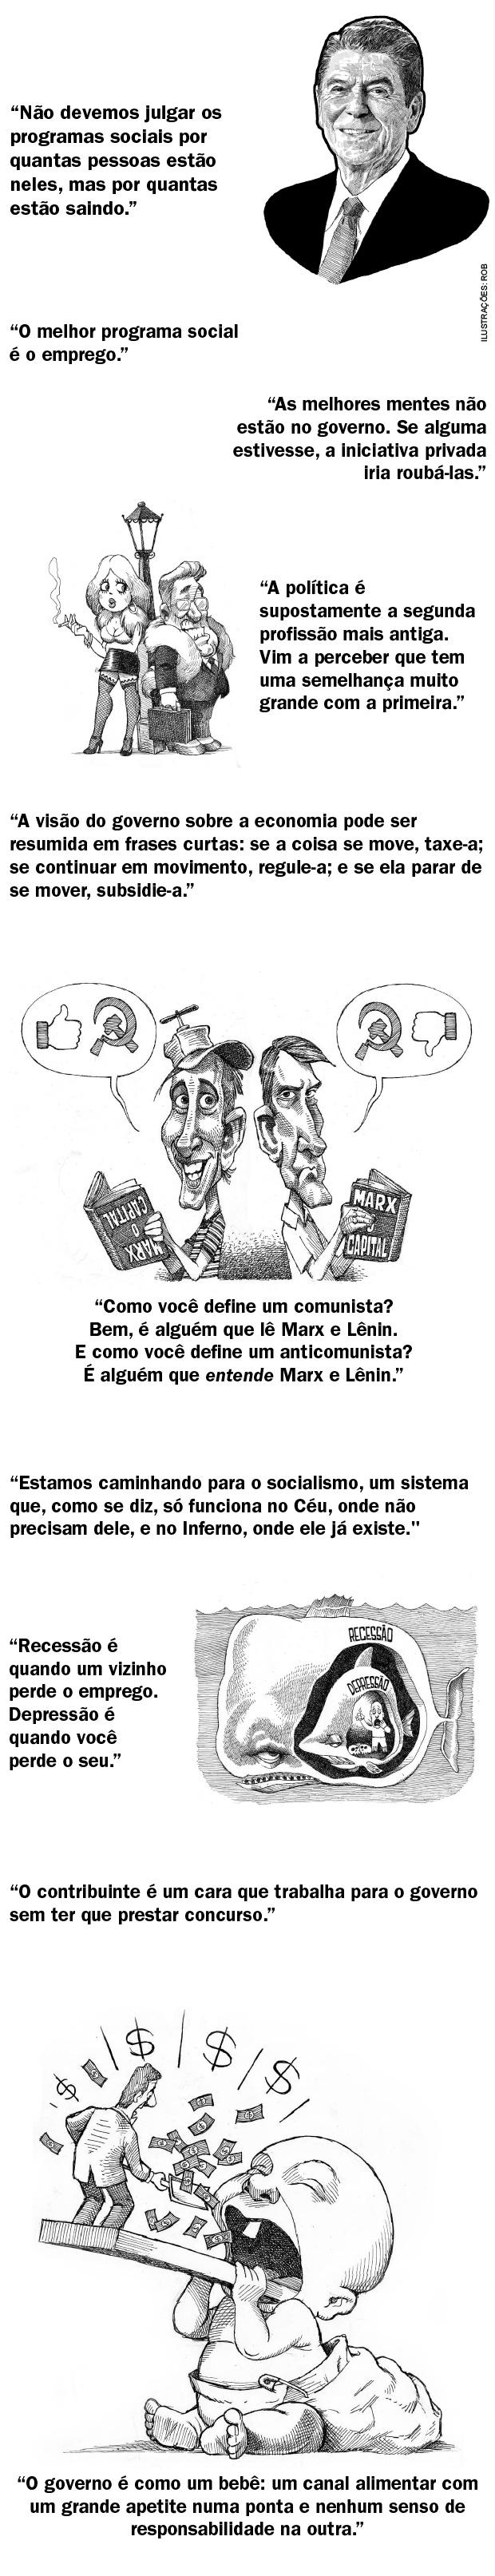 reagan-31-1-2015-vejamercados